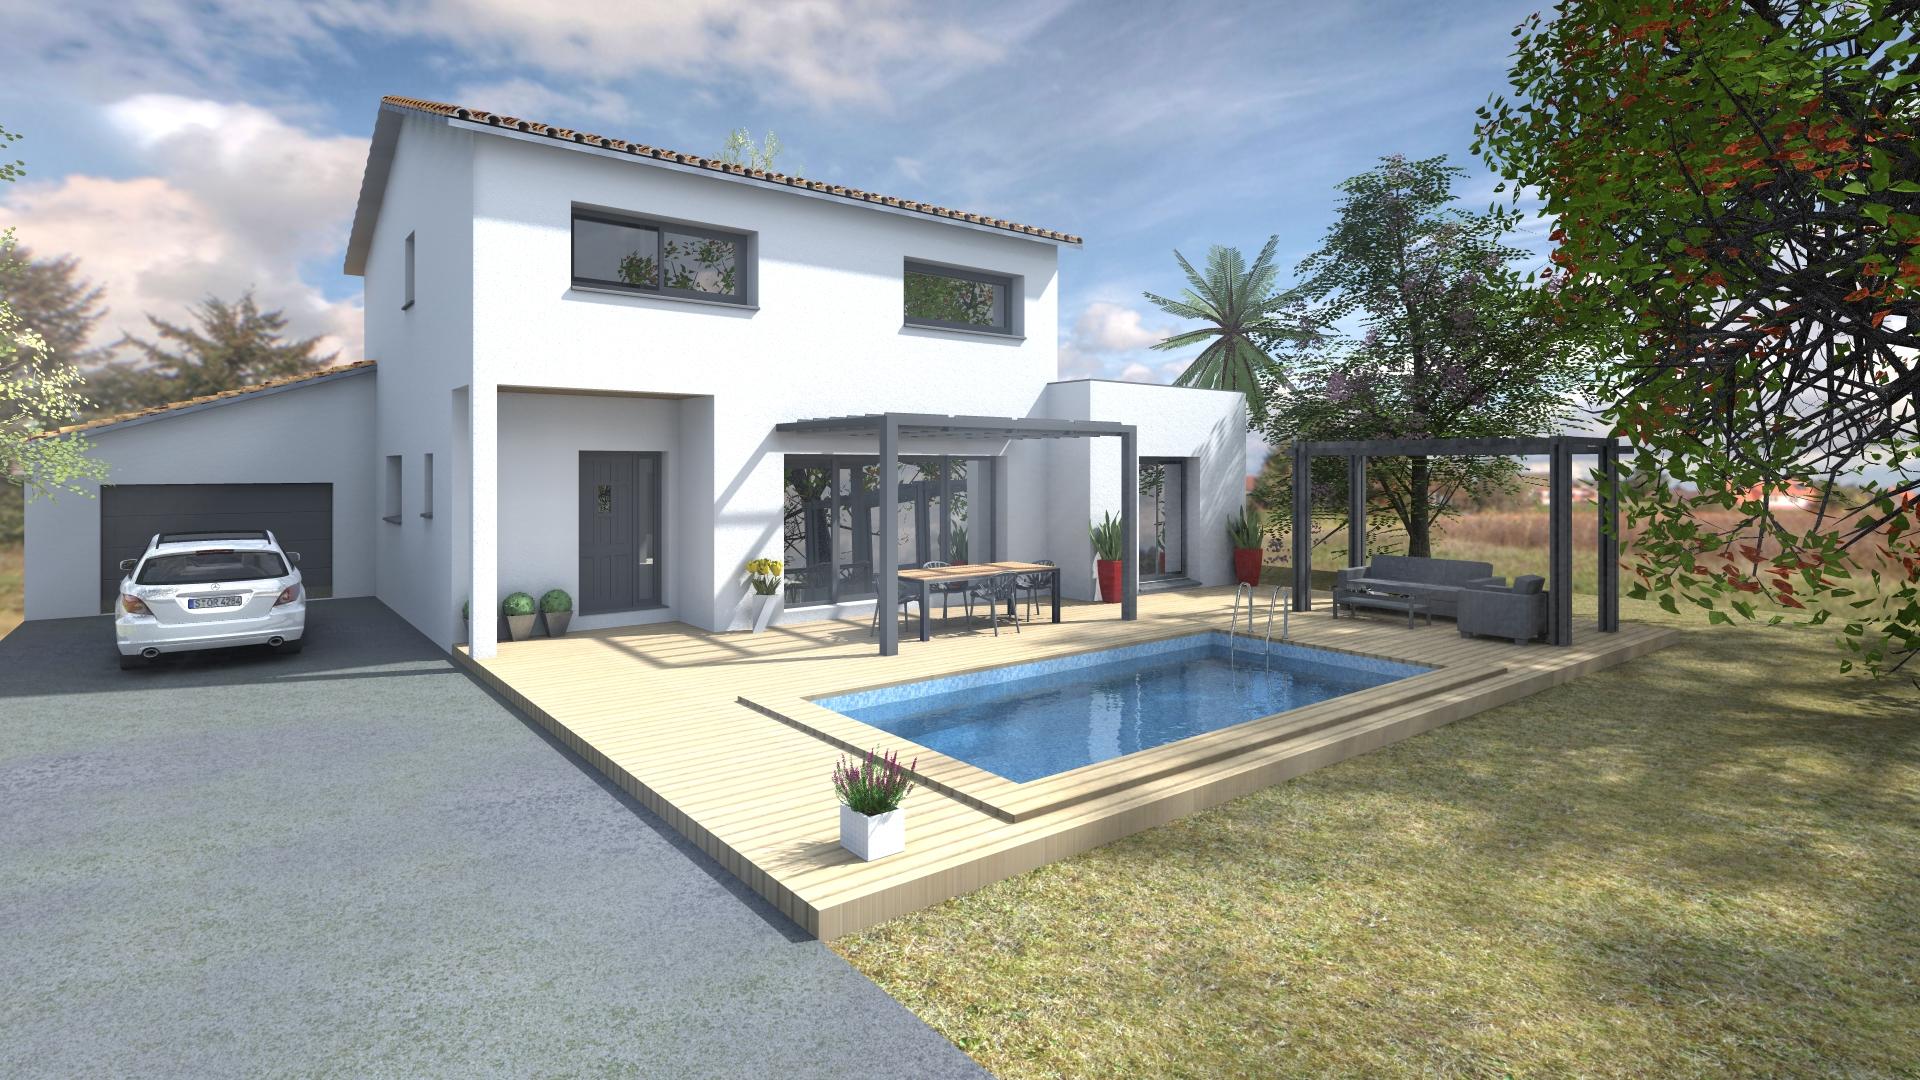 Maisons + Terrains du constructeur VILLAS SUD CREATION • 140 m² • VILLENEUVE LES BOULOC